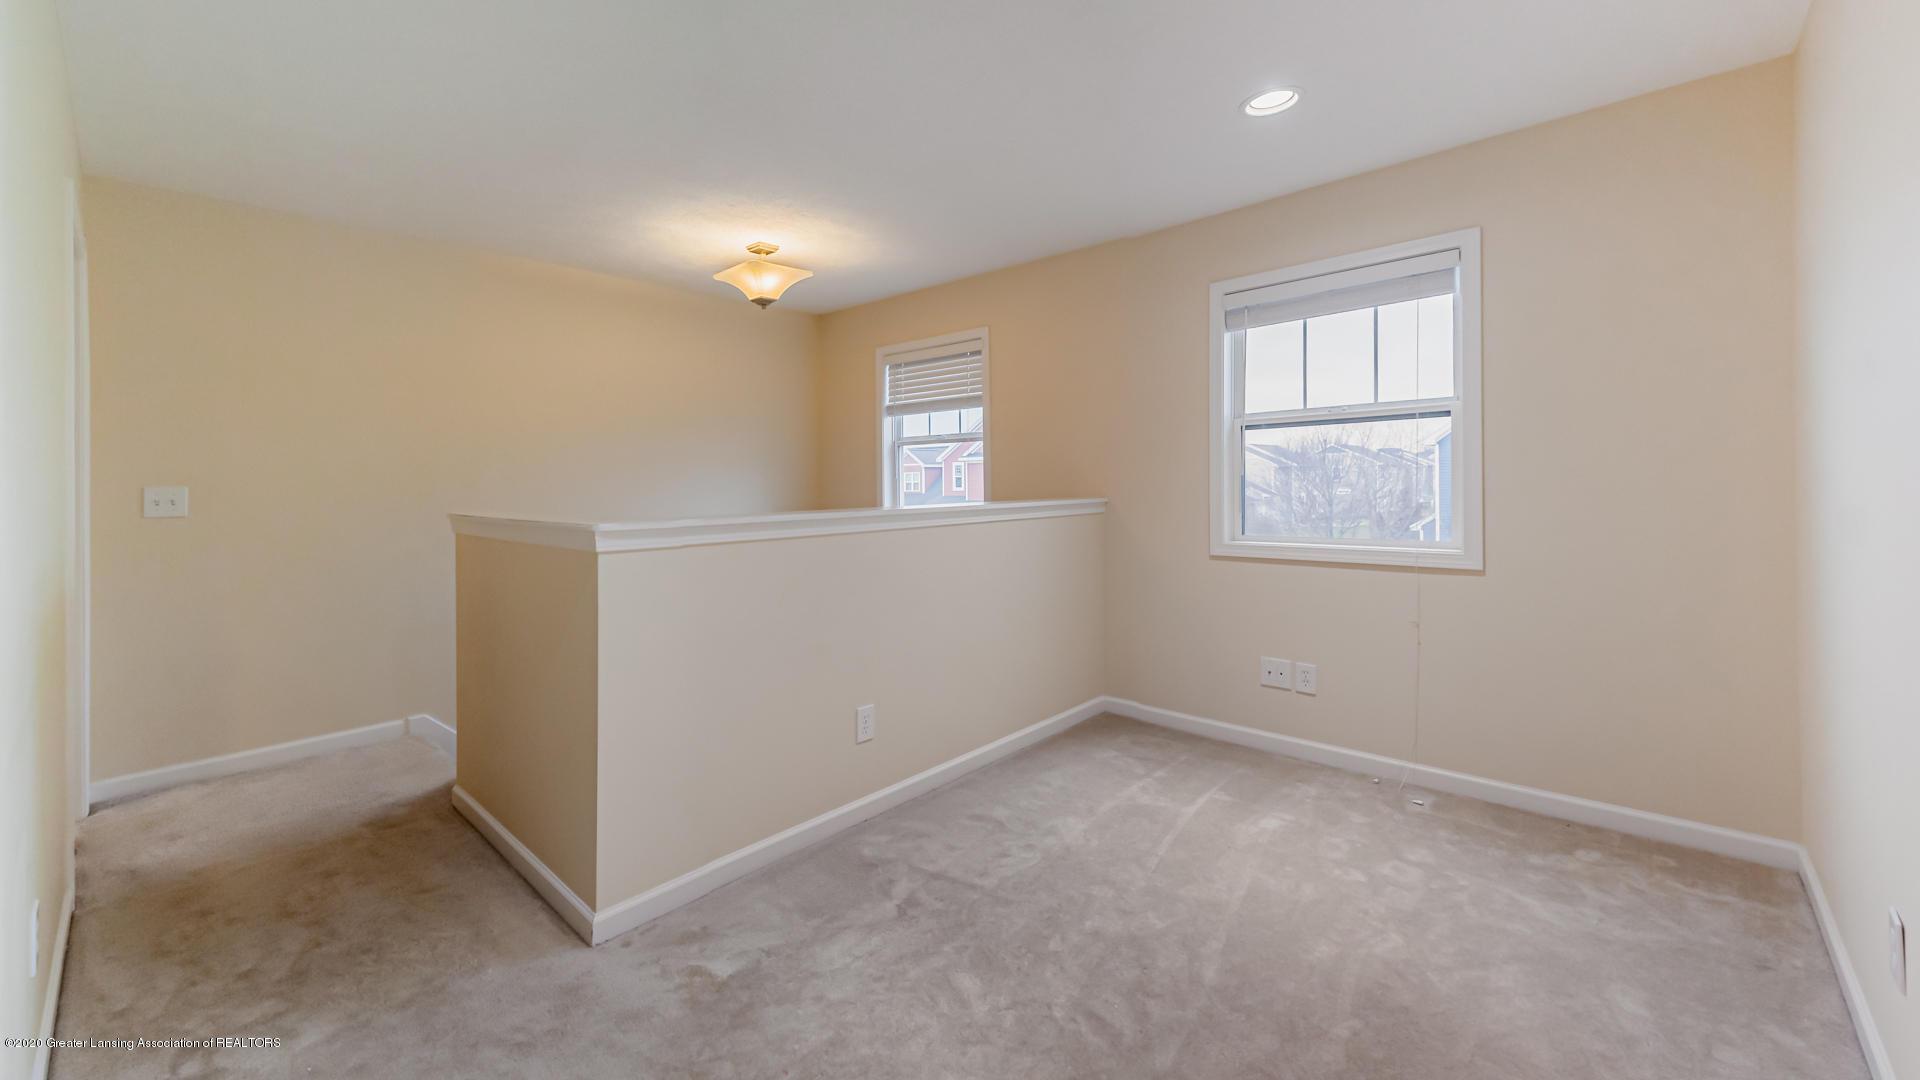 3612 Shearwater Ln - Bedroom - 11